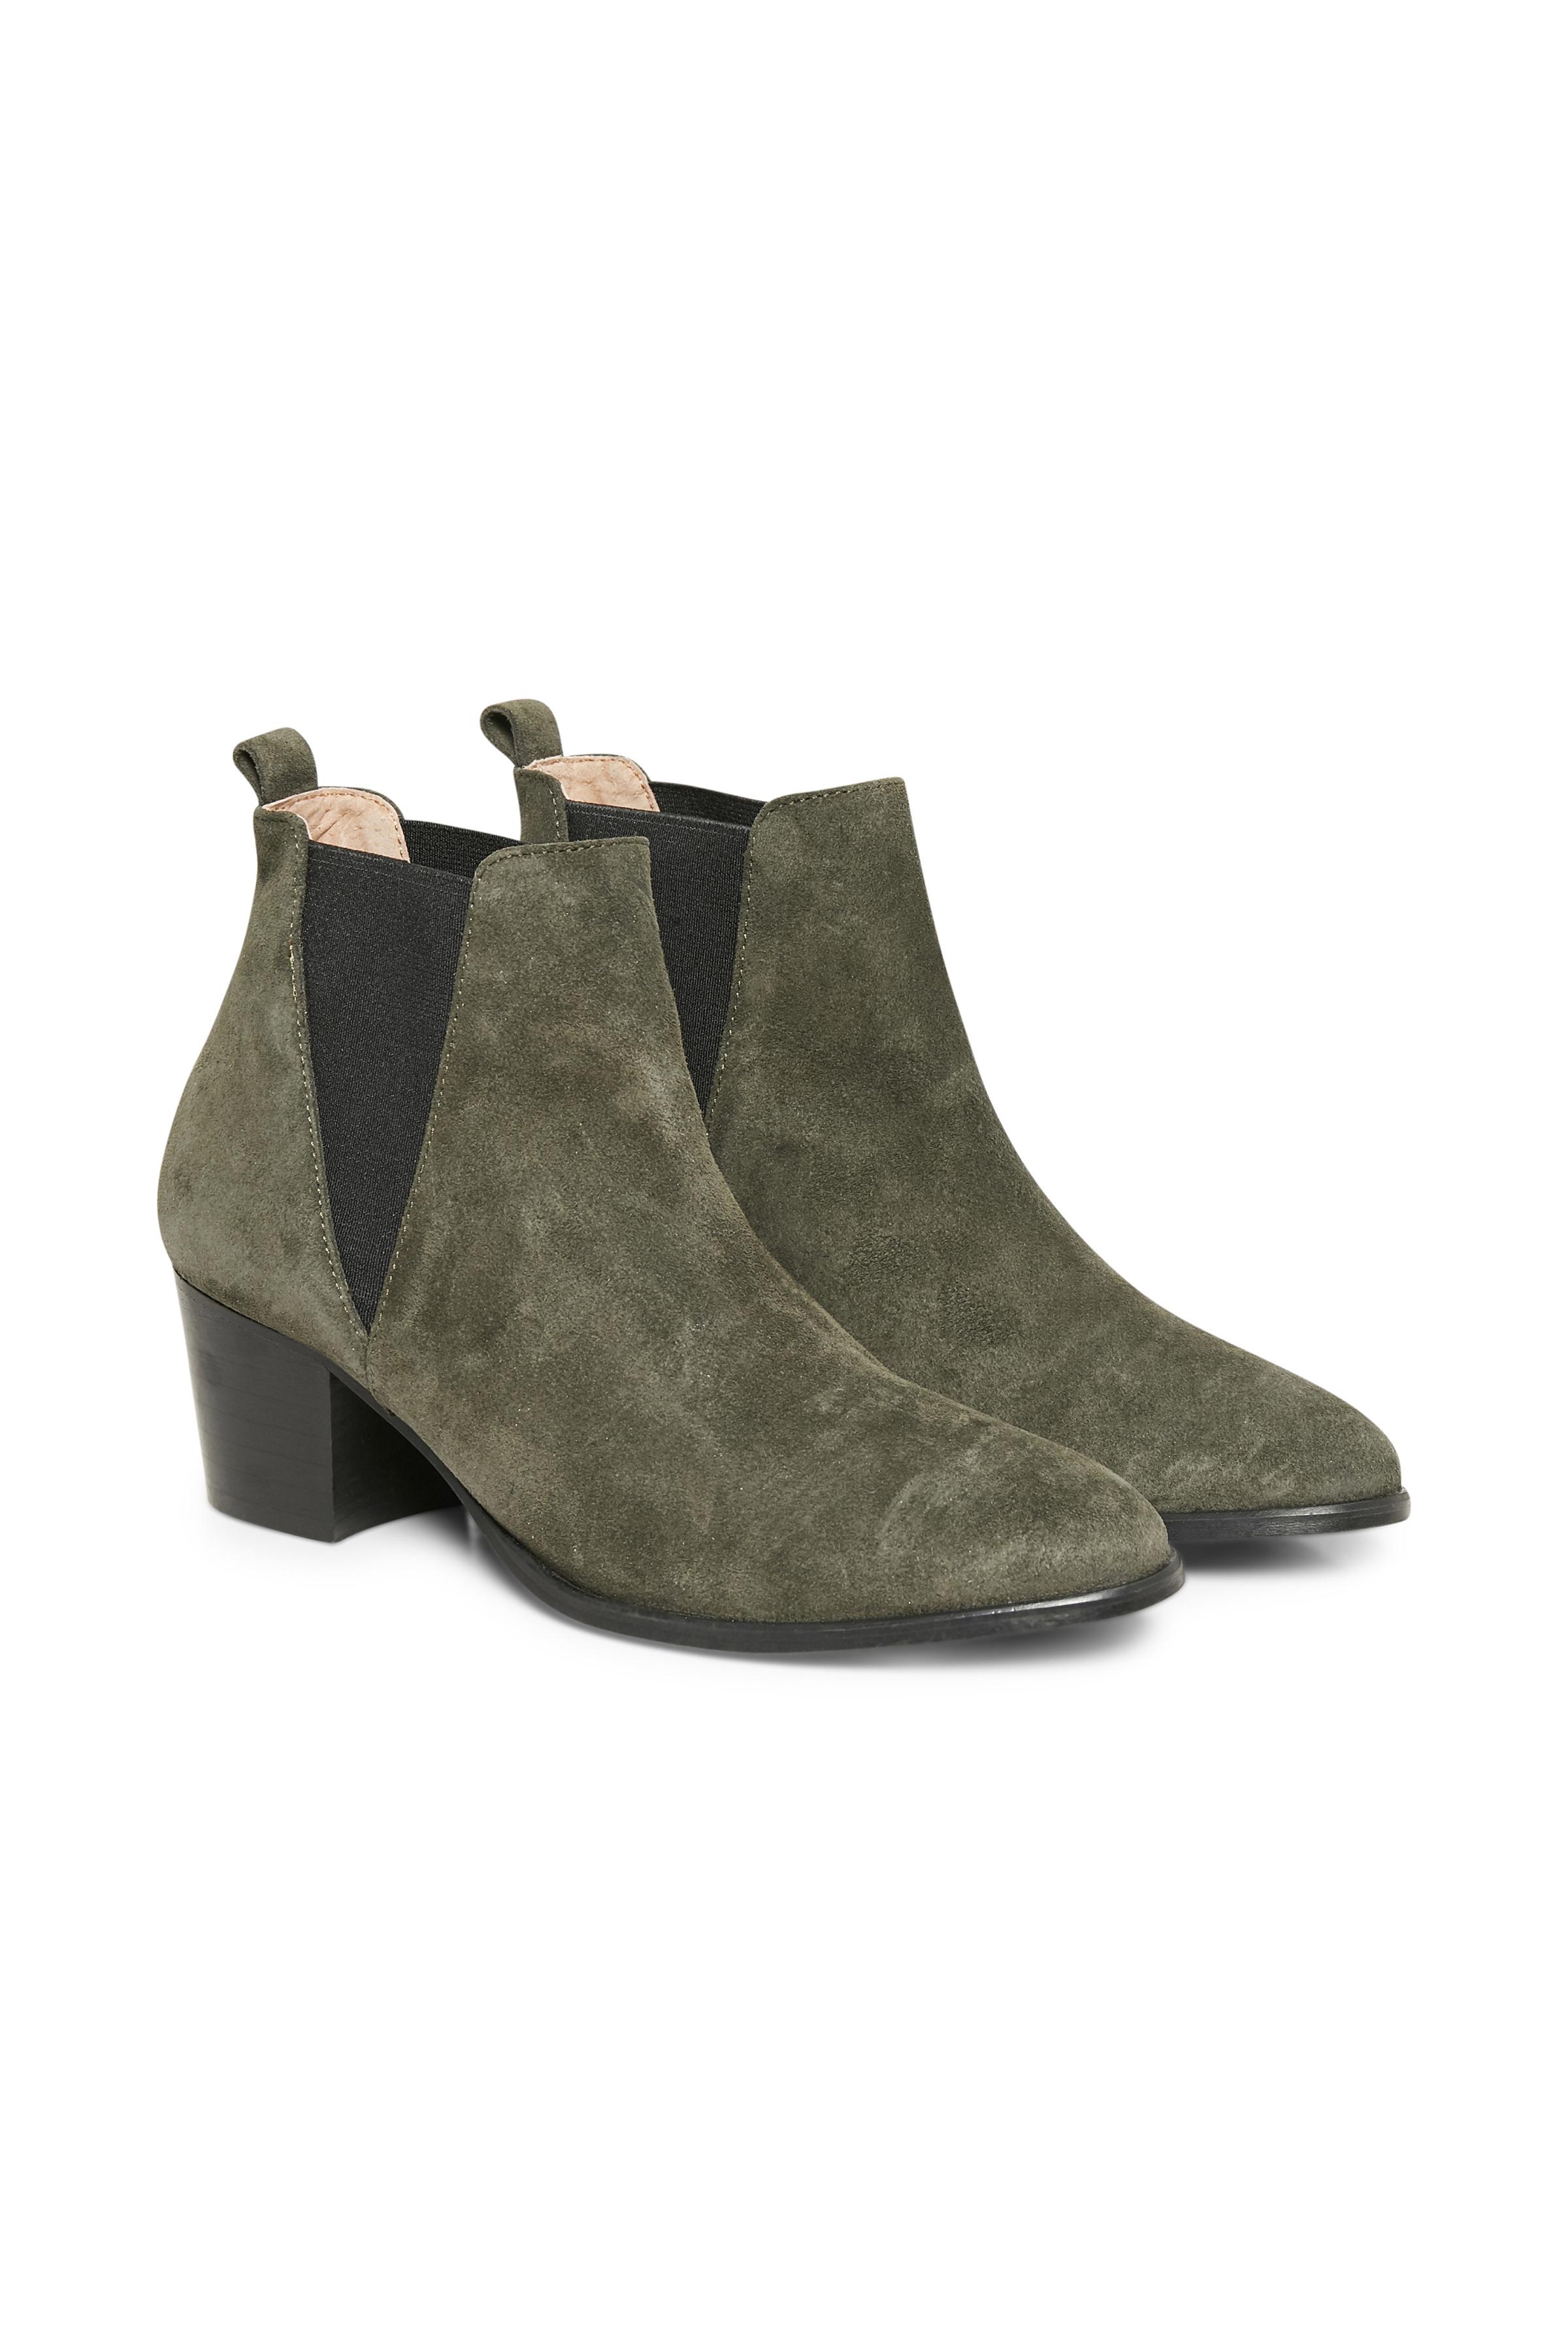 Oliven Støvler fra Cream Accessories – Køb Oliven Støvler fra str. 36-41 her